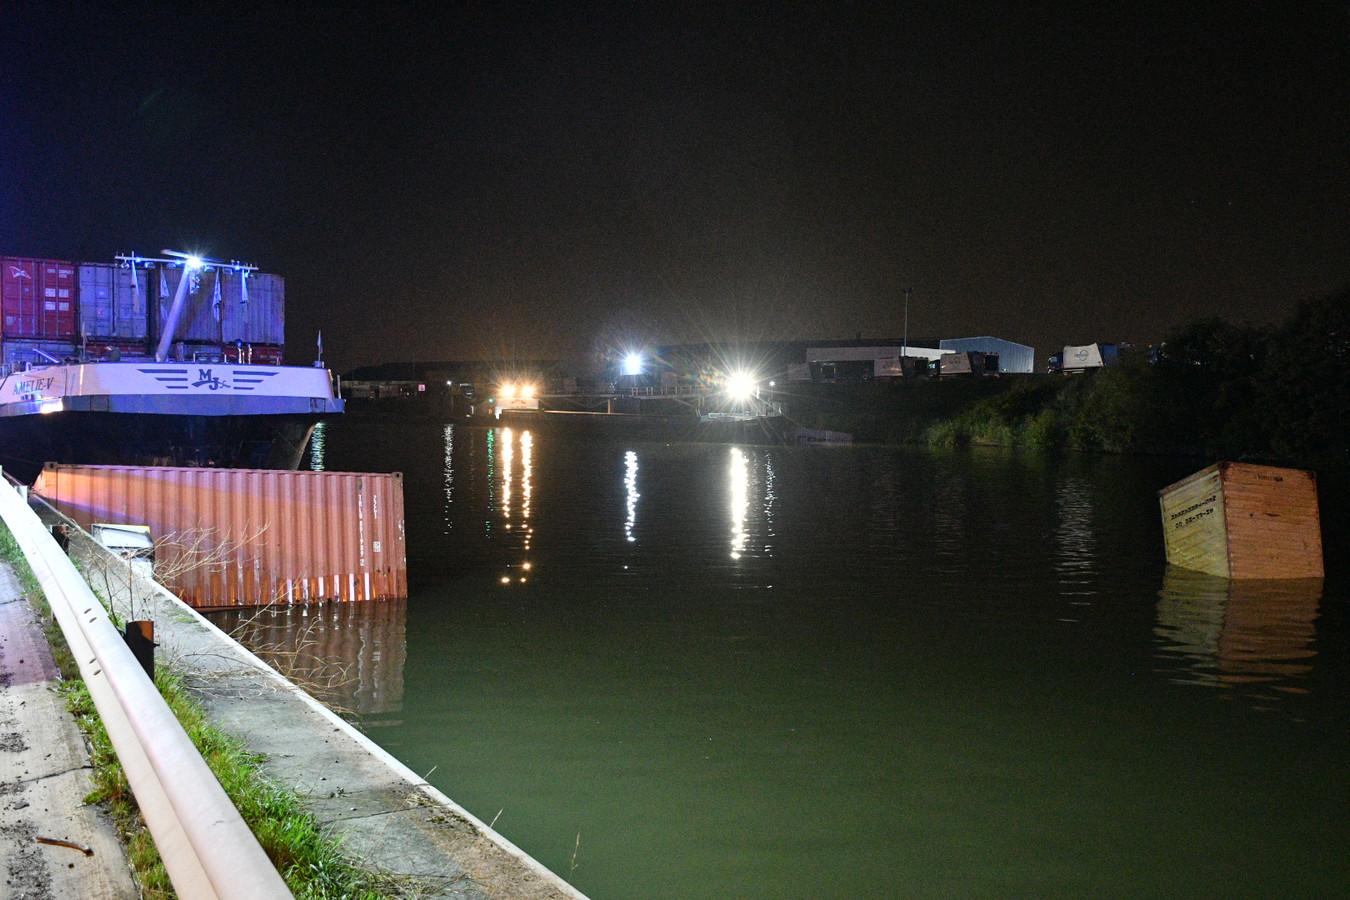 WILLEBROEK - Van de drie containers die in het water belandden, zonk er een. De twee anderen werden beveiligd langs de kant.